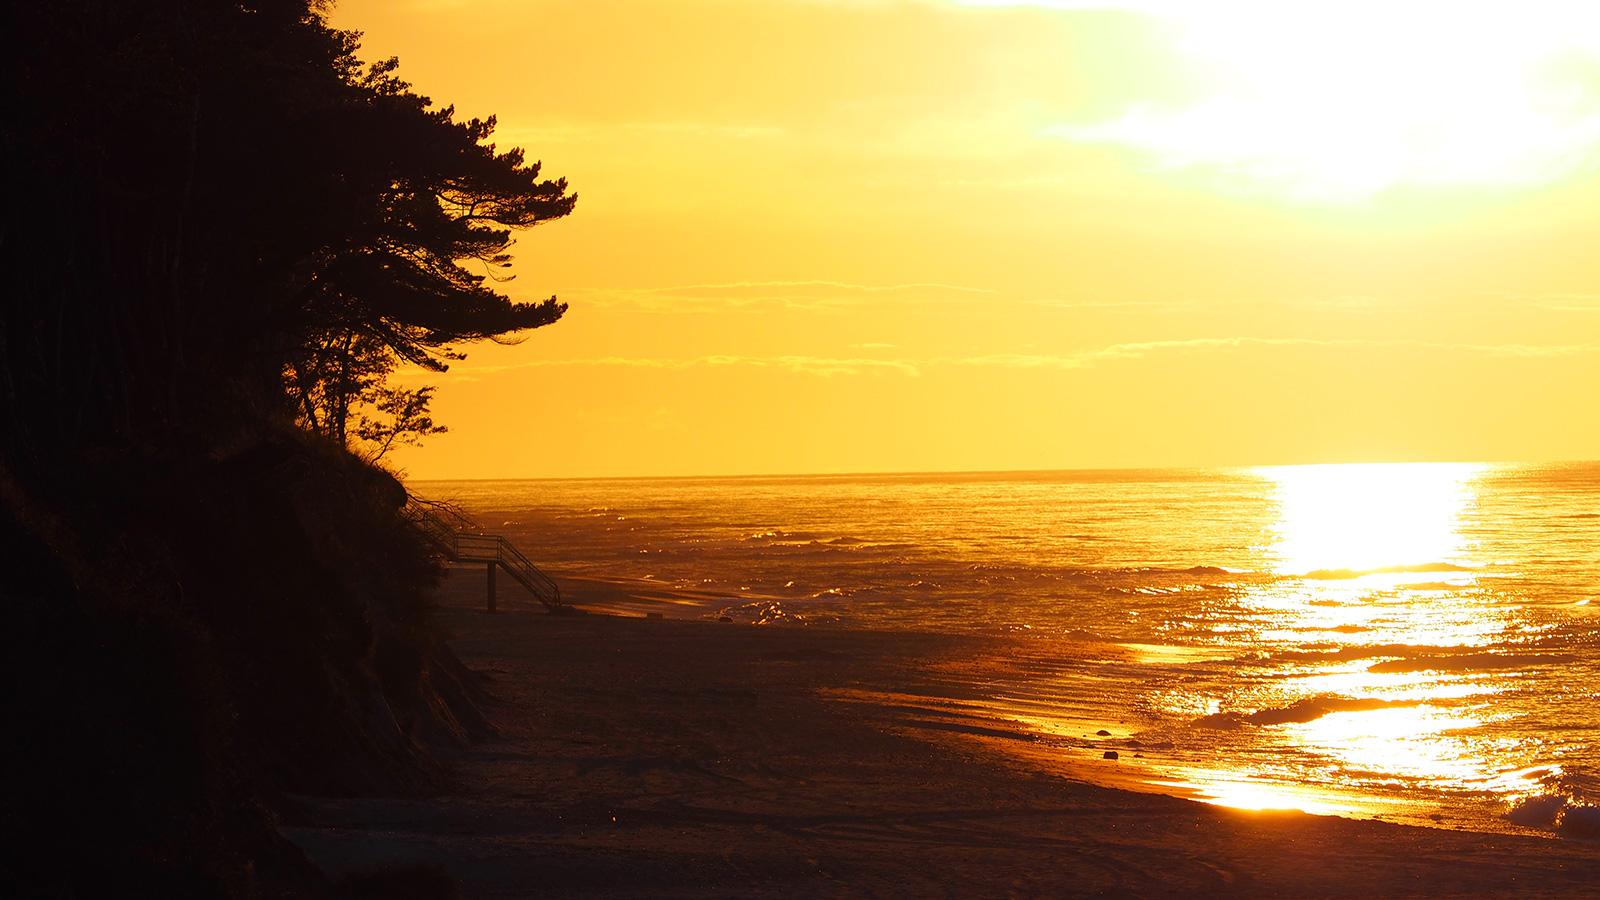 Radreise Pommern<br> Polens  Ostseeküste und die Magie des Waldes